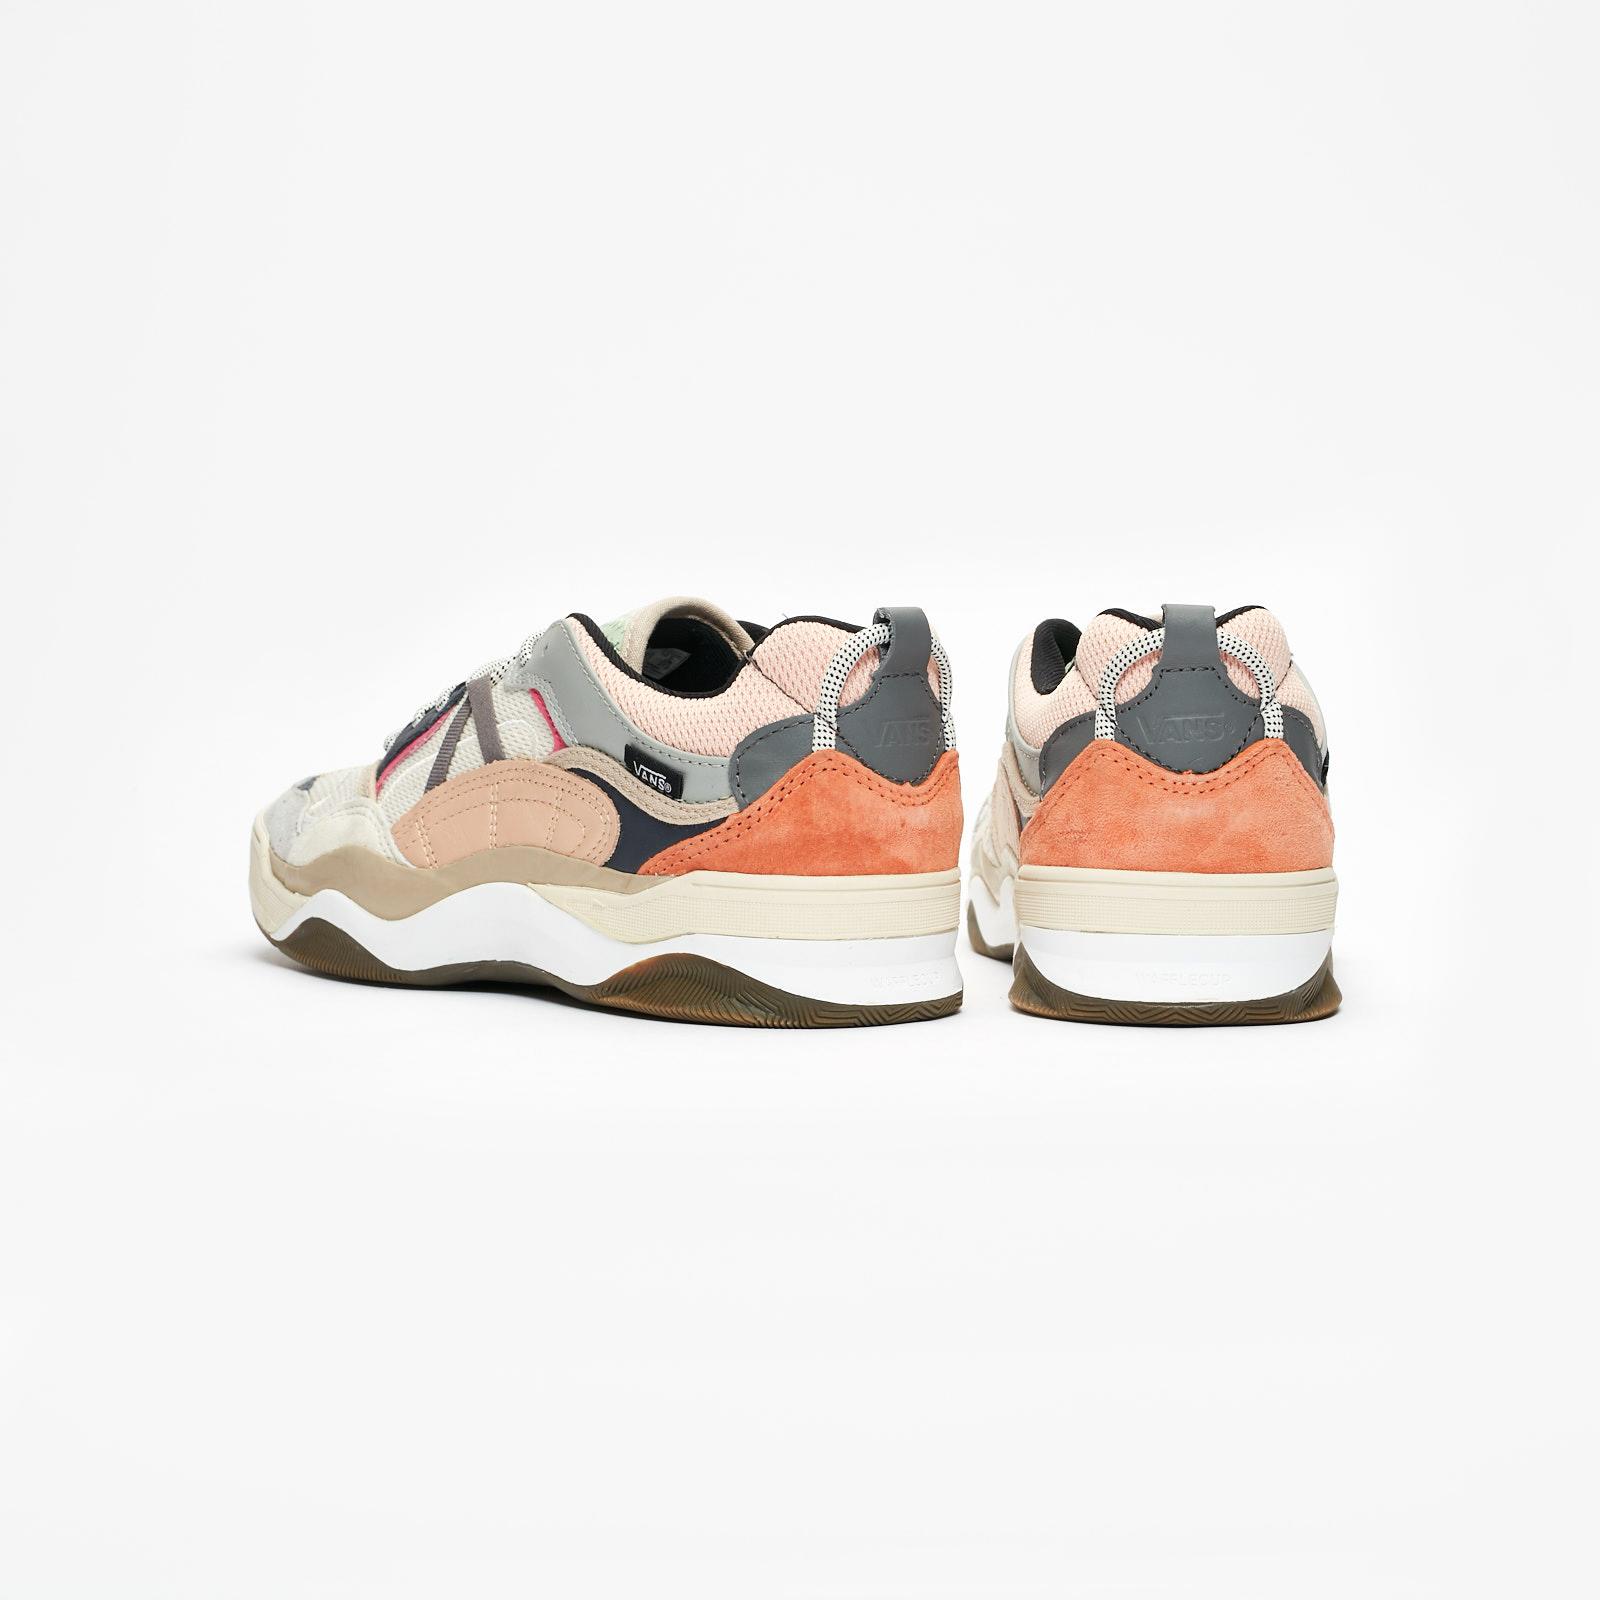 Varix Et Wc Sneakersnstuff Sneakers Vn0a3wlnvud Vans RYwaw